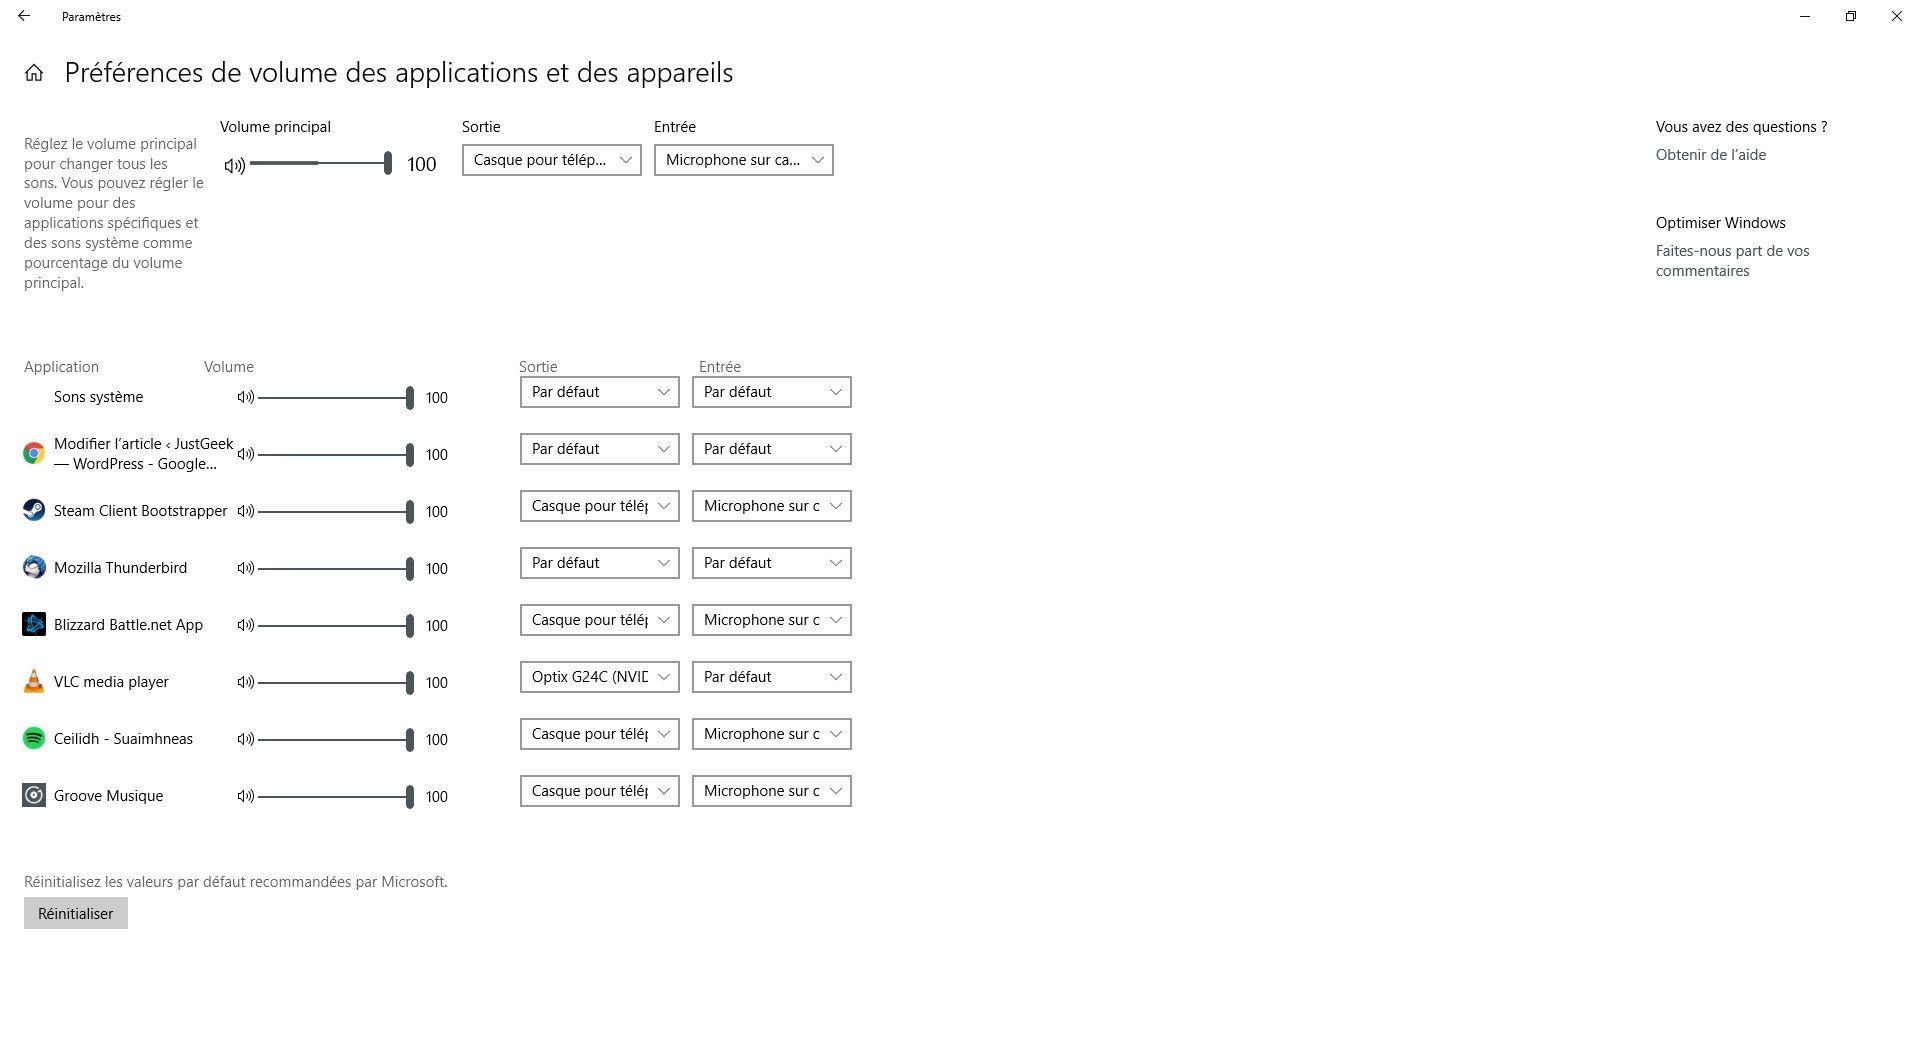 Préférences de volume des applications et des appareils Windows 10